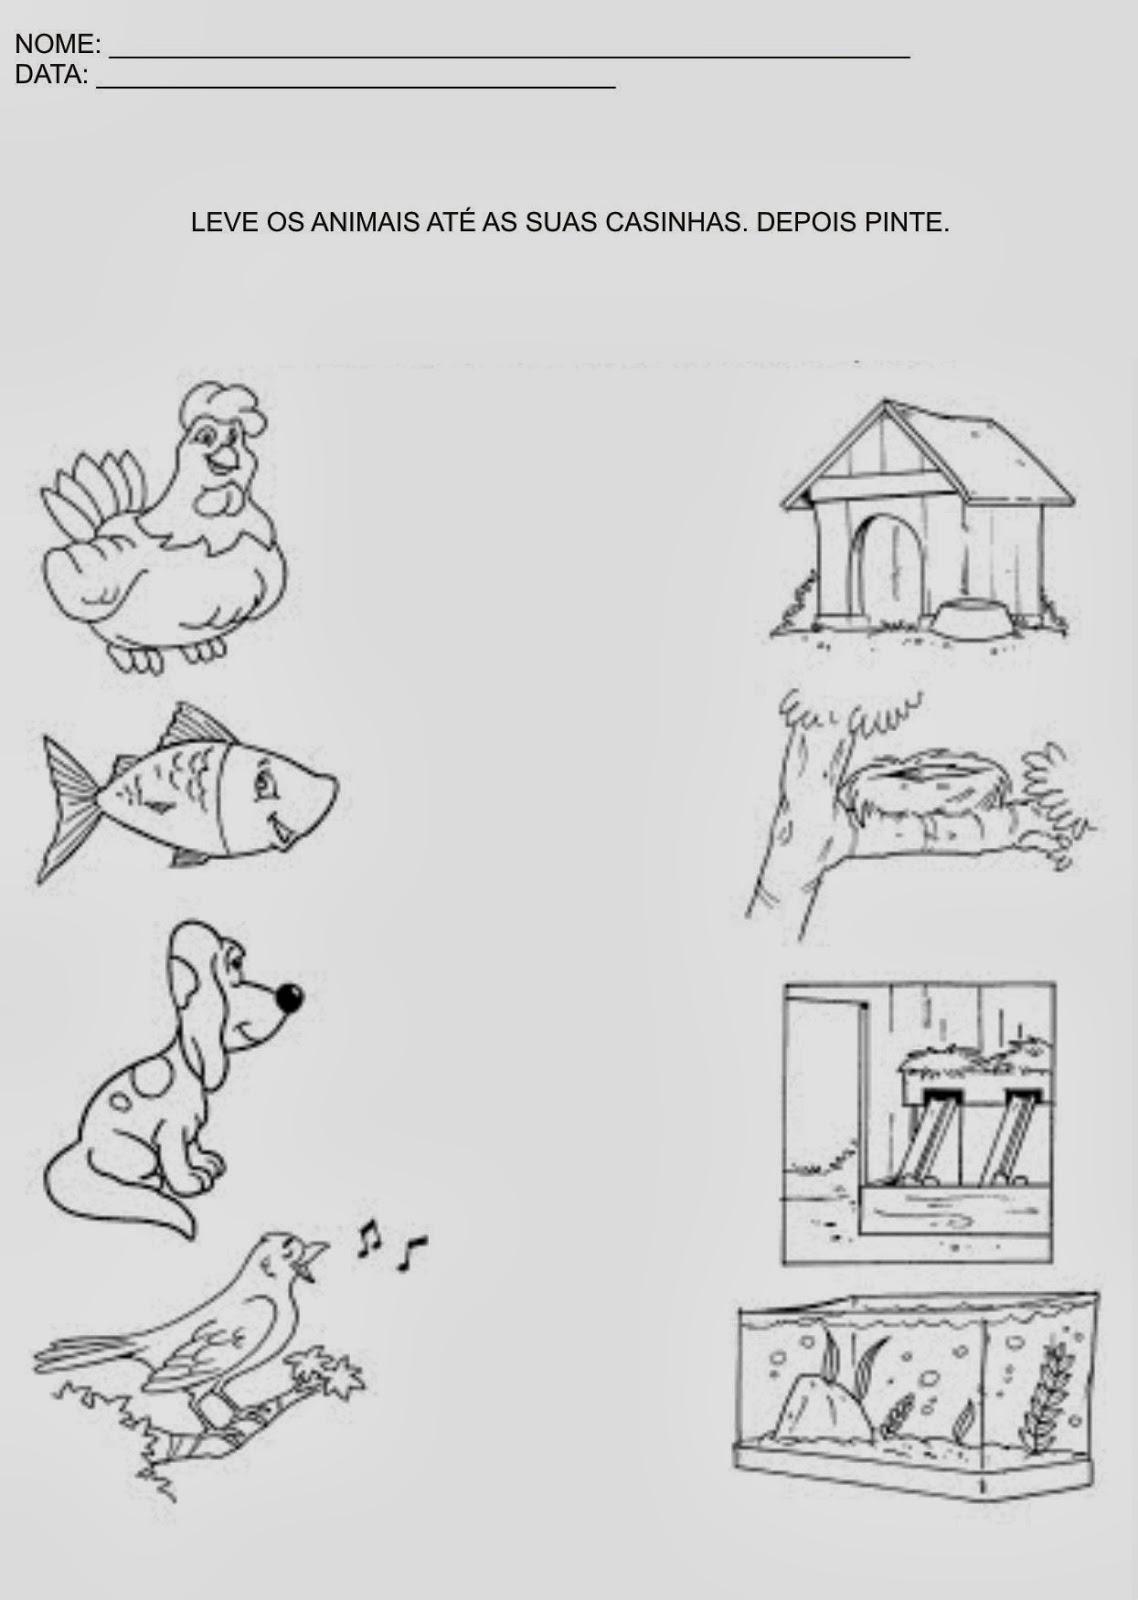 Atividade para Educação Infantil - Leve os animais até as suas casinhas